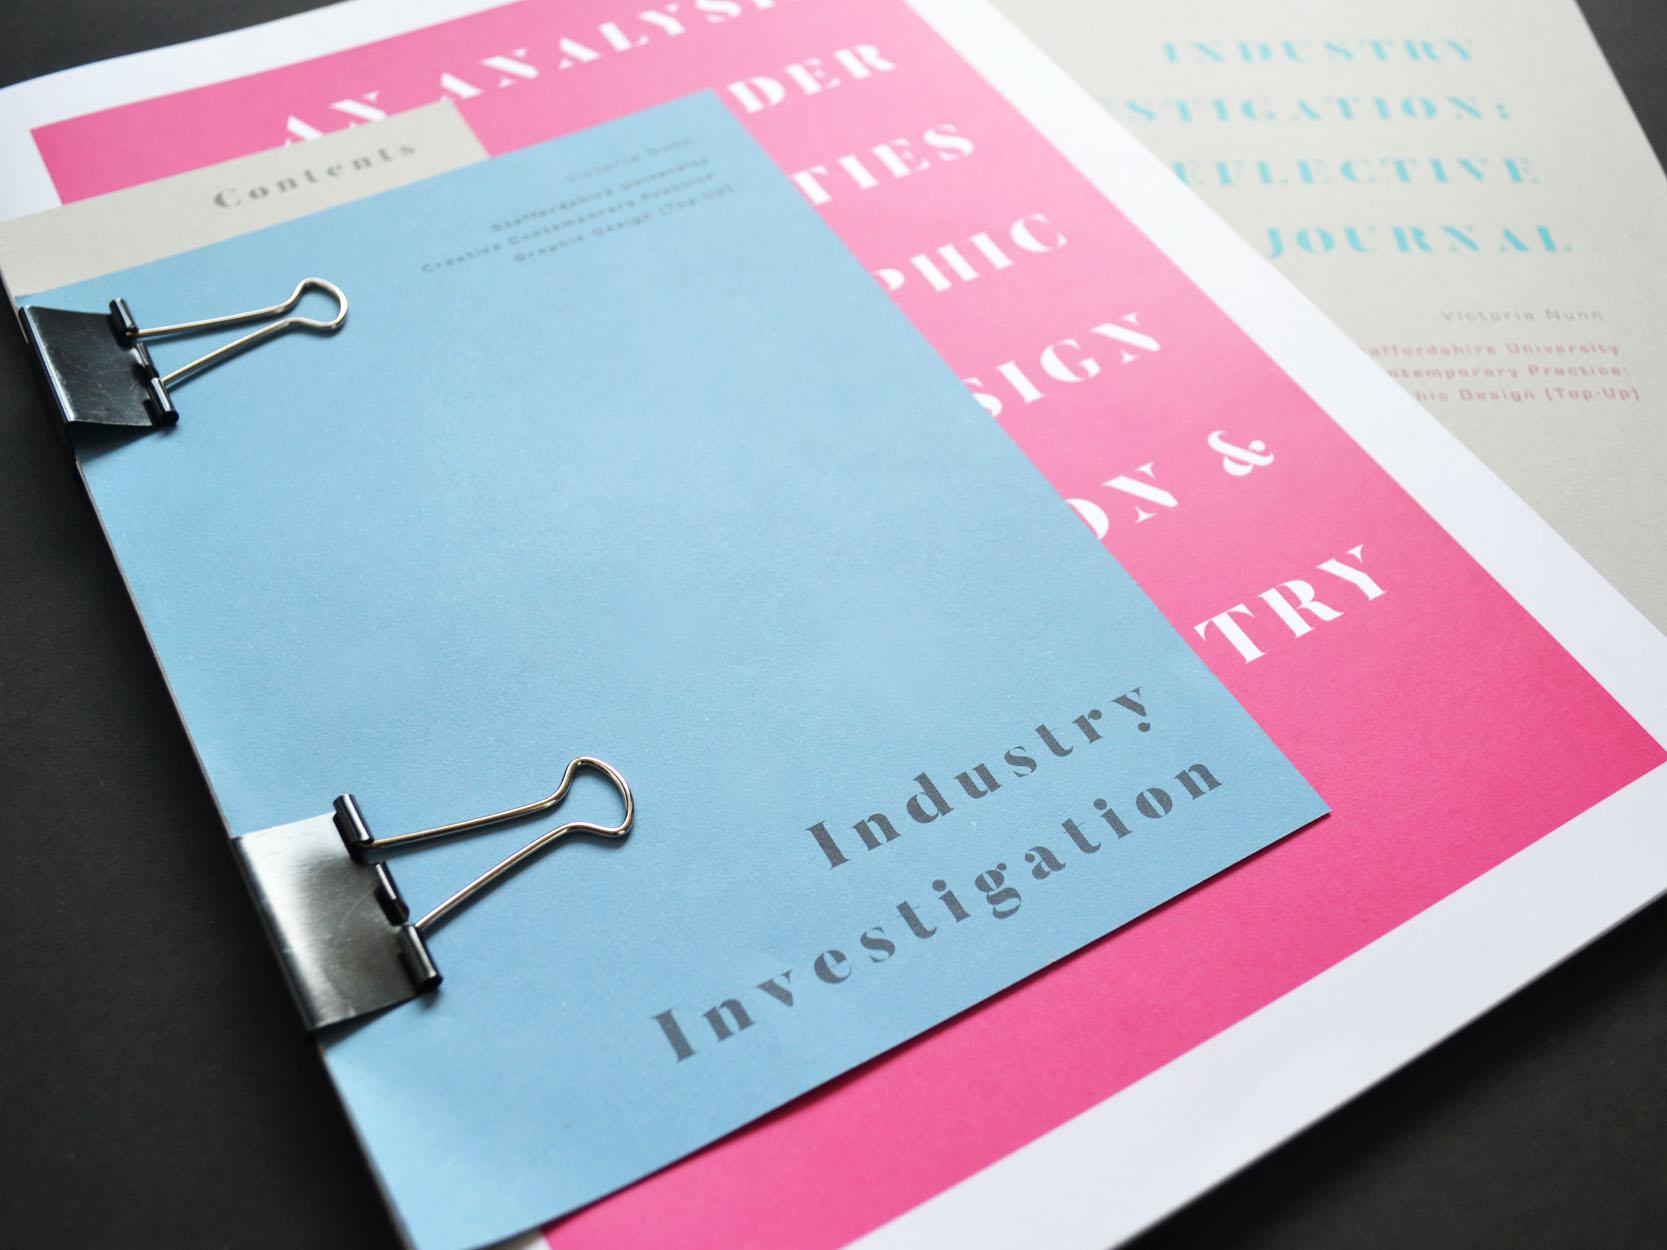 IND_INVESTIGATION_1_V2